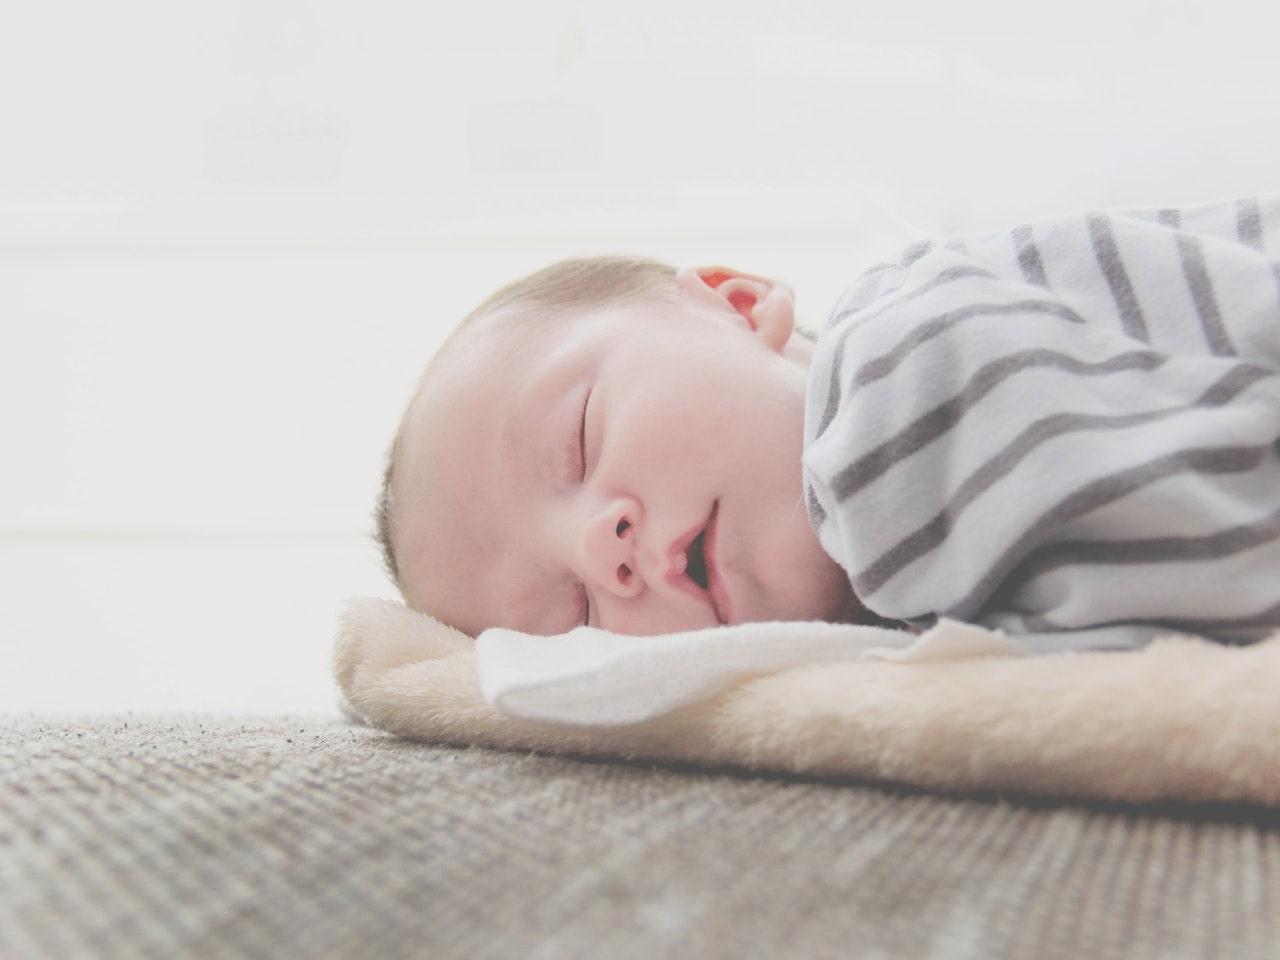 Фотосессия Новорожденных: красивое начало новой жизни